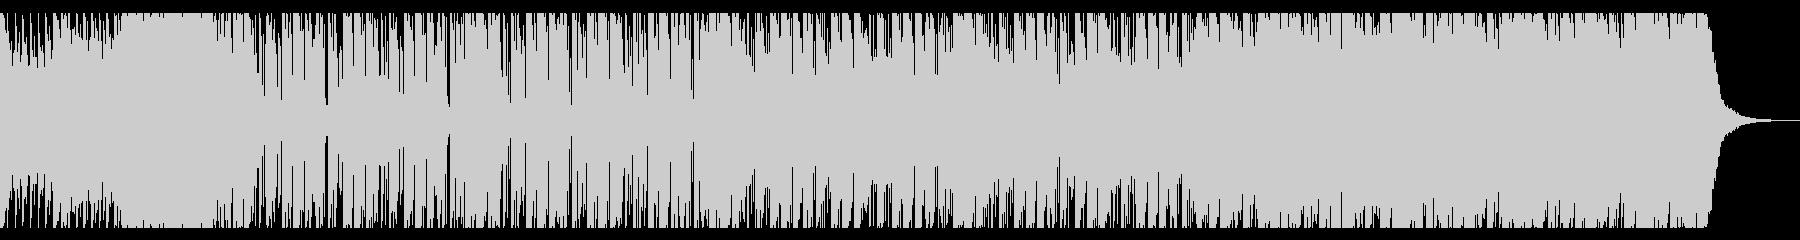 アラビア語のtrap(90秒)の未再生の波形